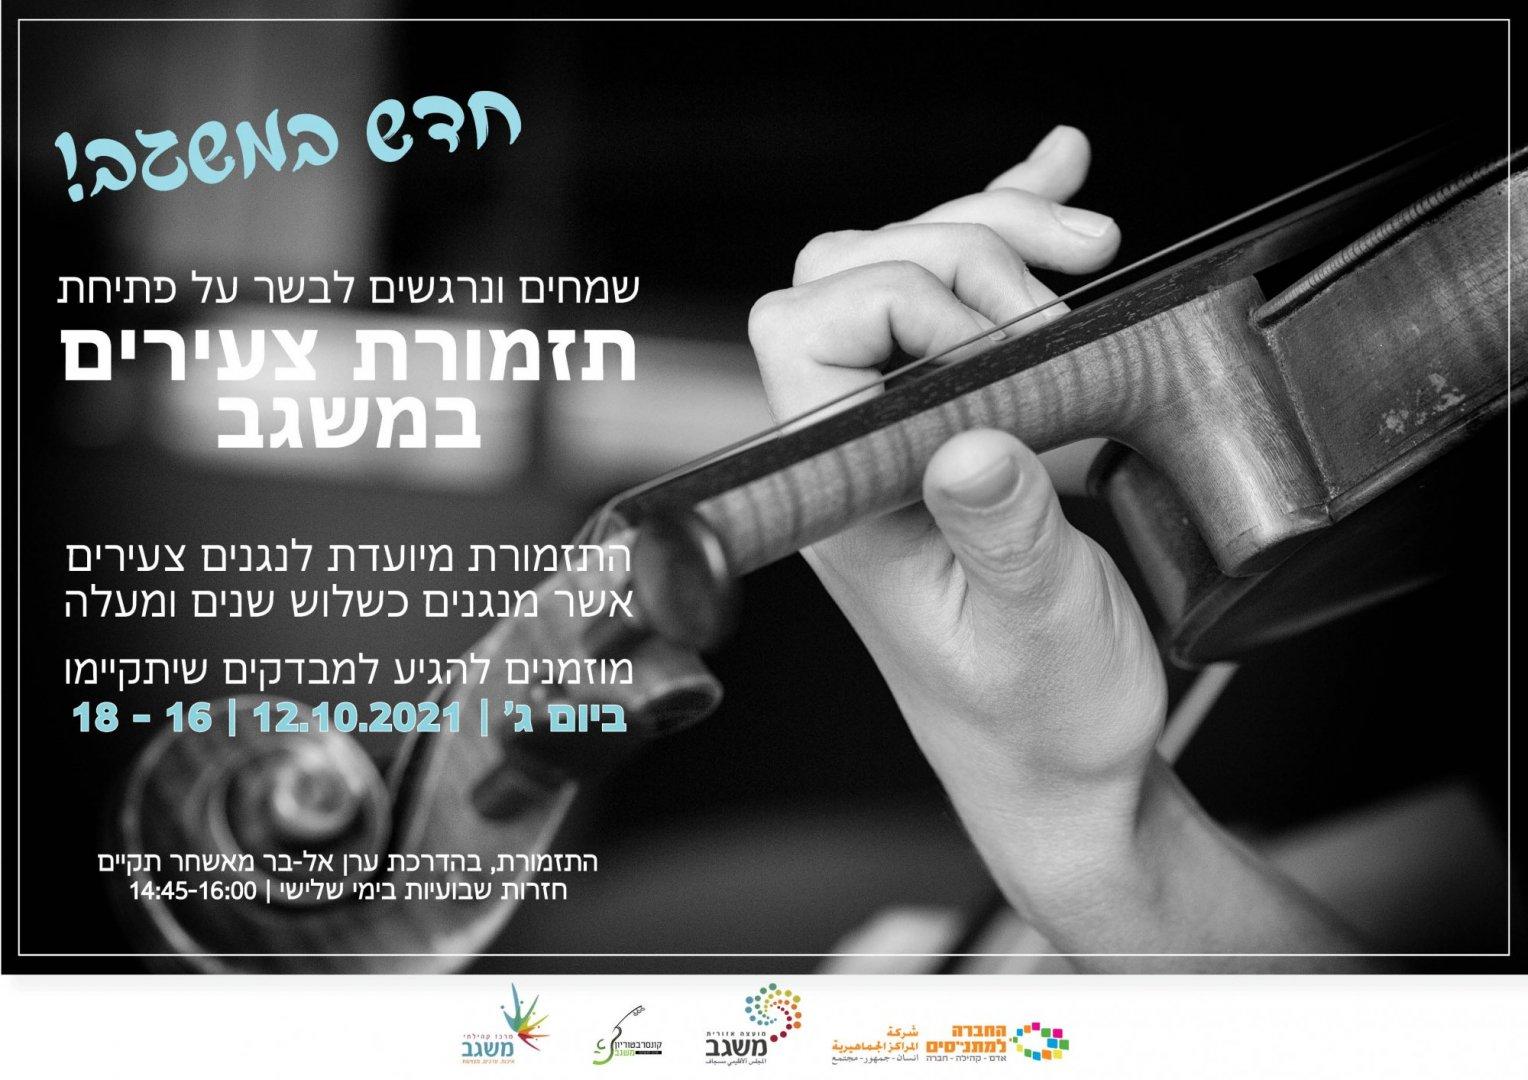 תזמורת צעירים - פרסום